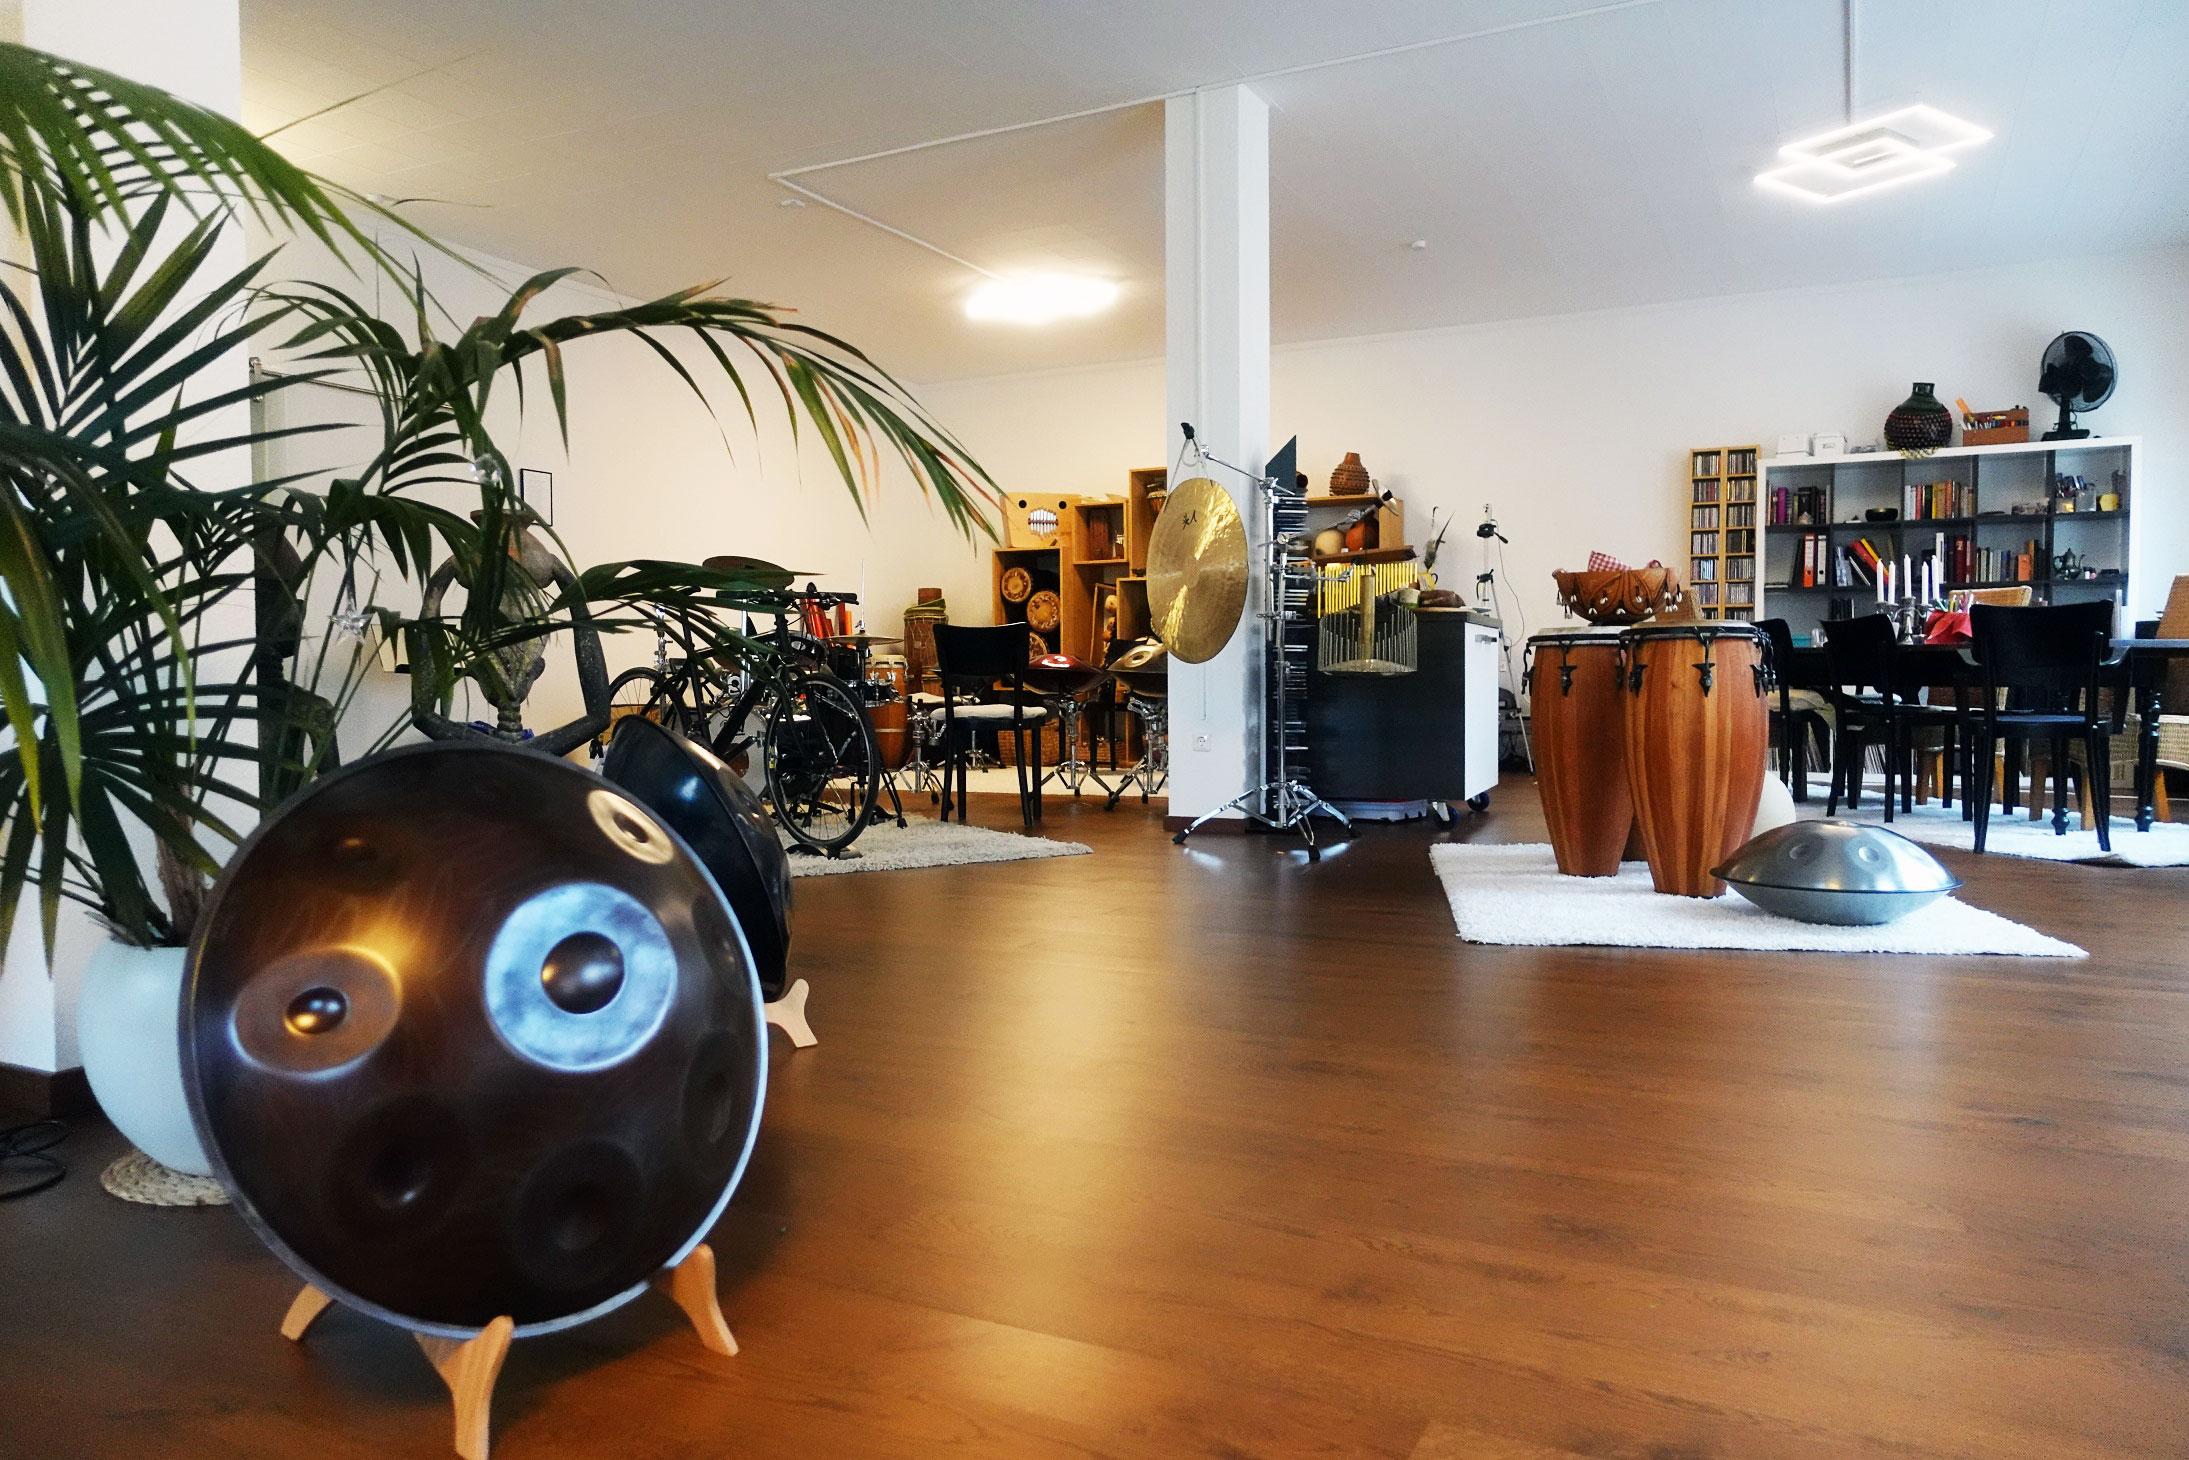 Handpan-Urlaub im Handpan Studio, Rosengasse 9, 97421 Schweinfurt